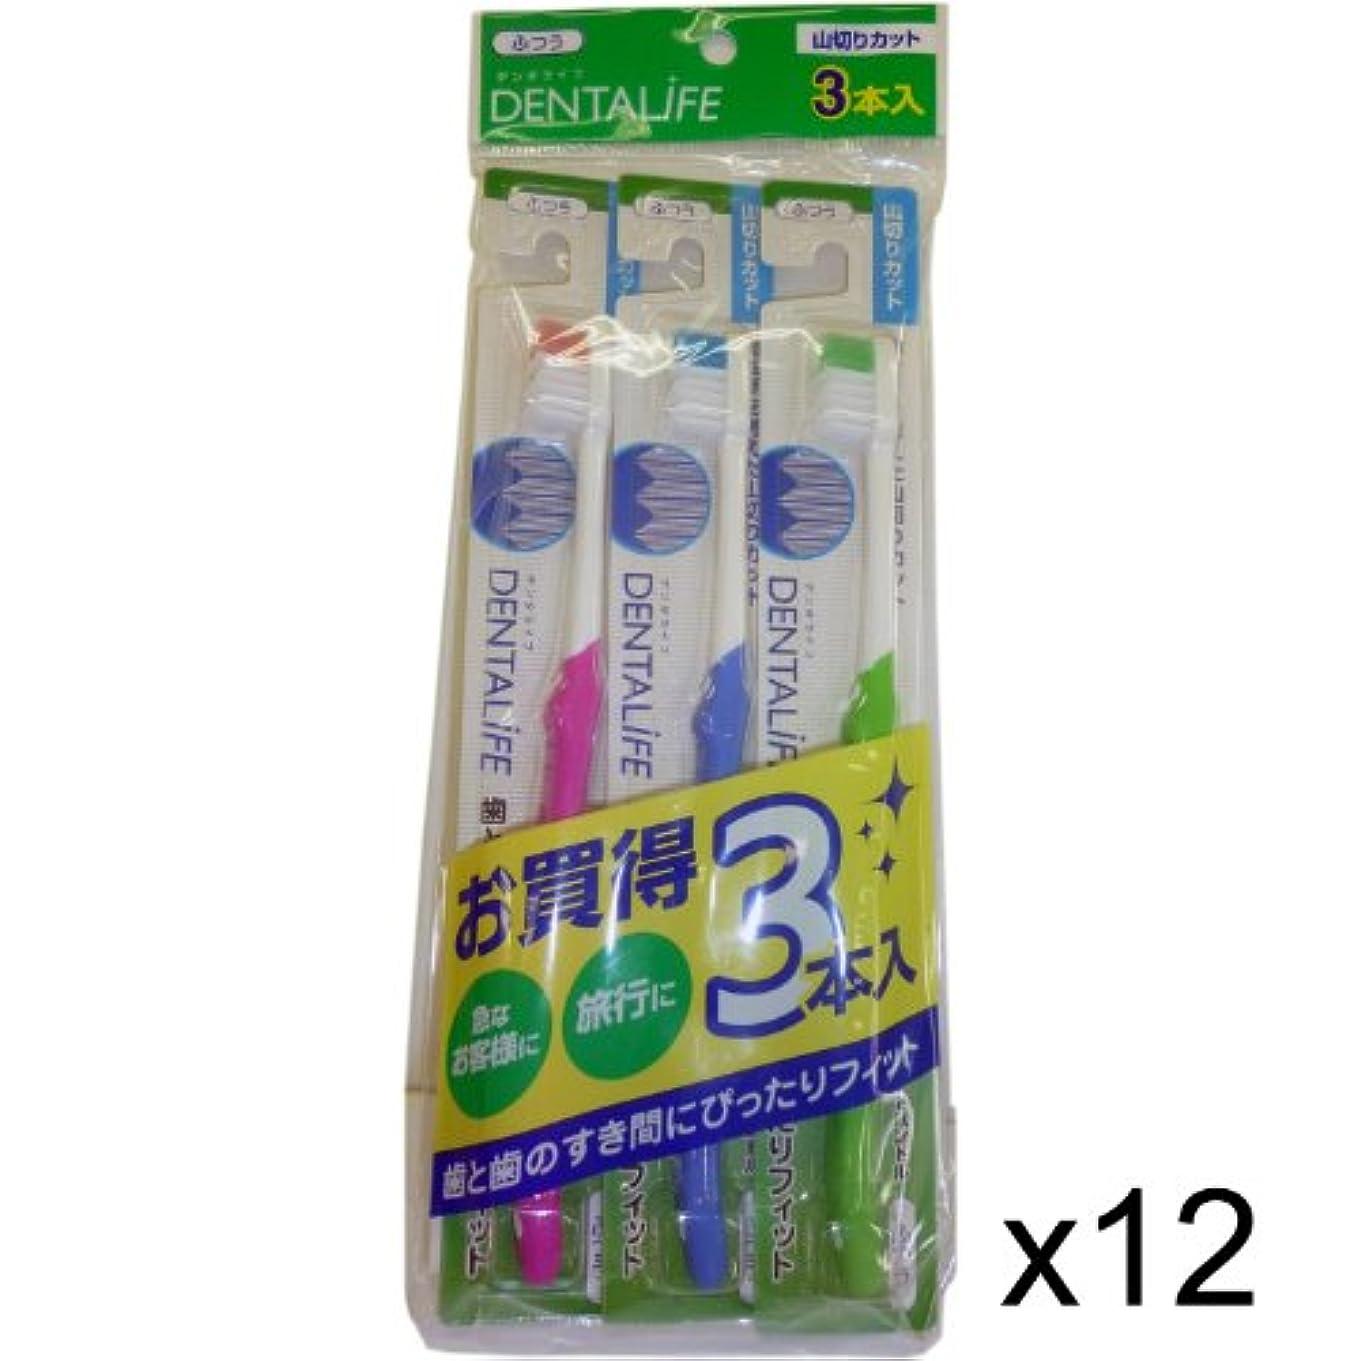 シーボードマダム事件、出来事お徳用 DELTALIFE(デンタライフ)山切り歯ブラシ ふつう 3P×12ヶセット(36本)